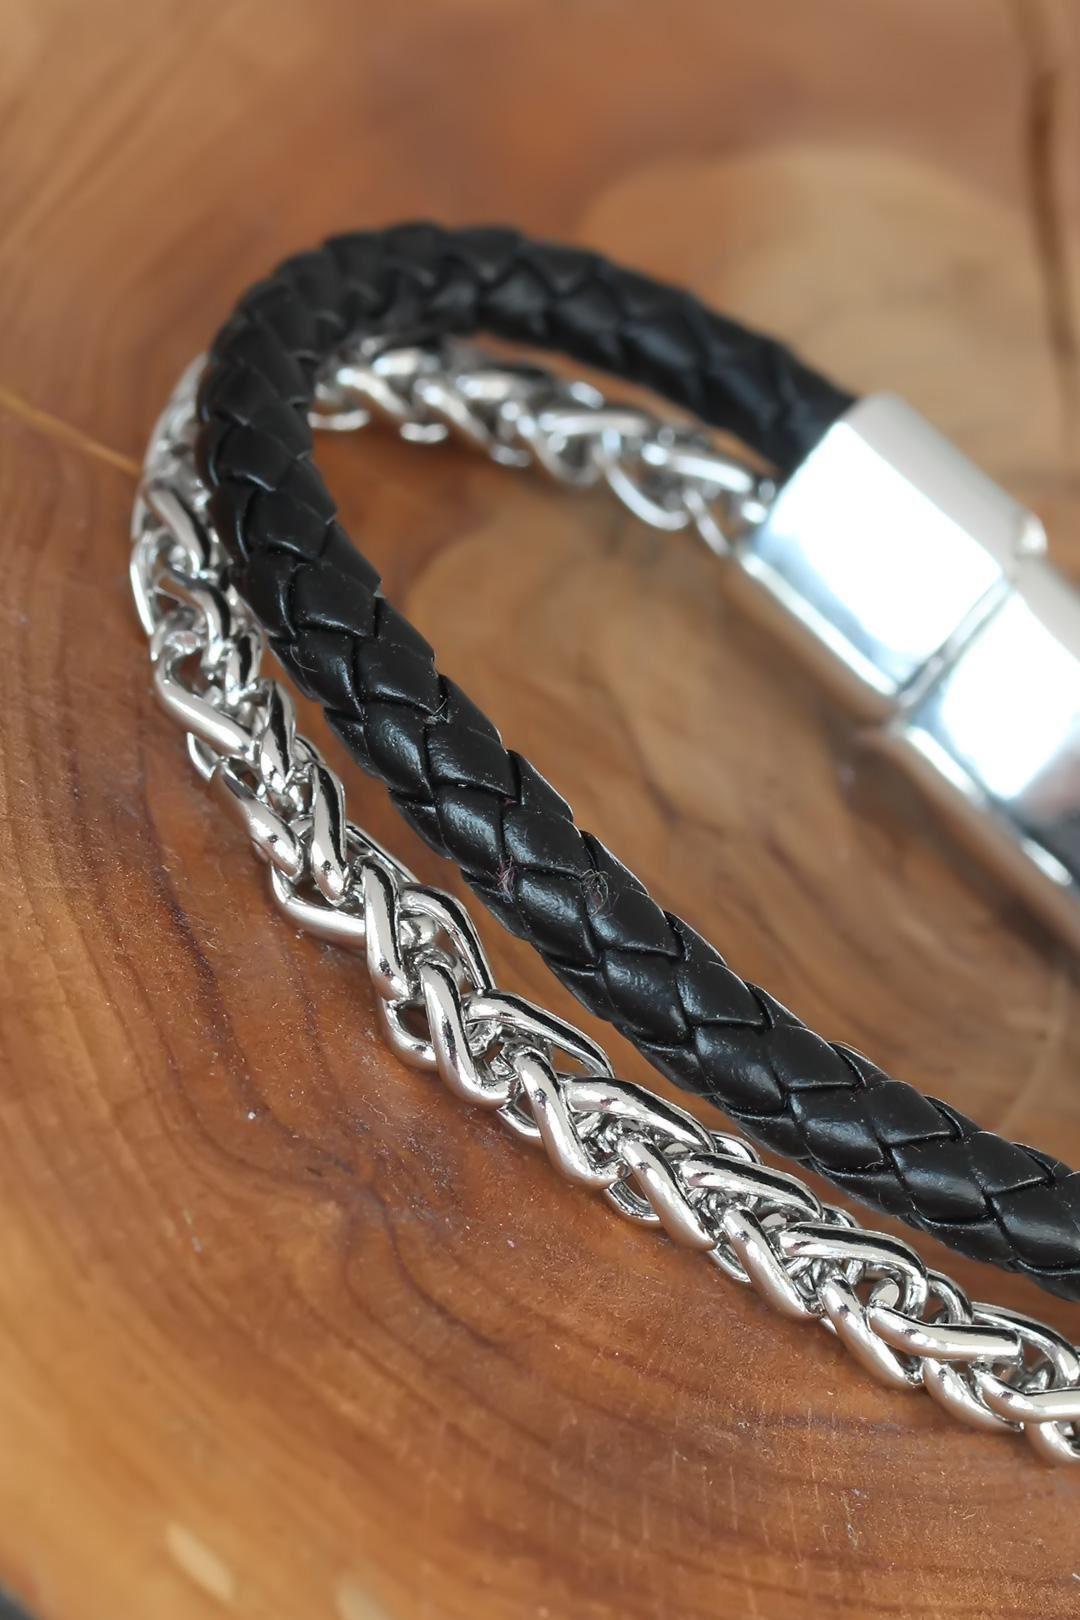 Silver Renk Zincirli Siyah Renk Deri Erkek Bileklik